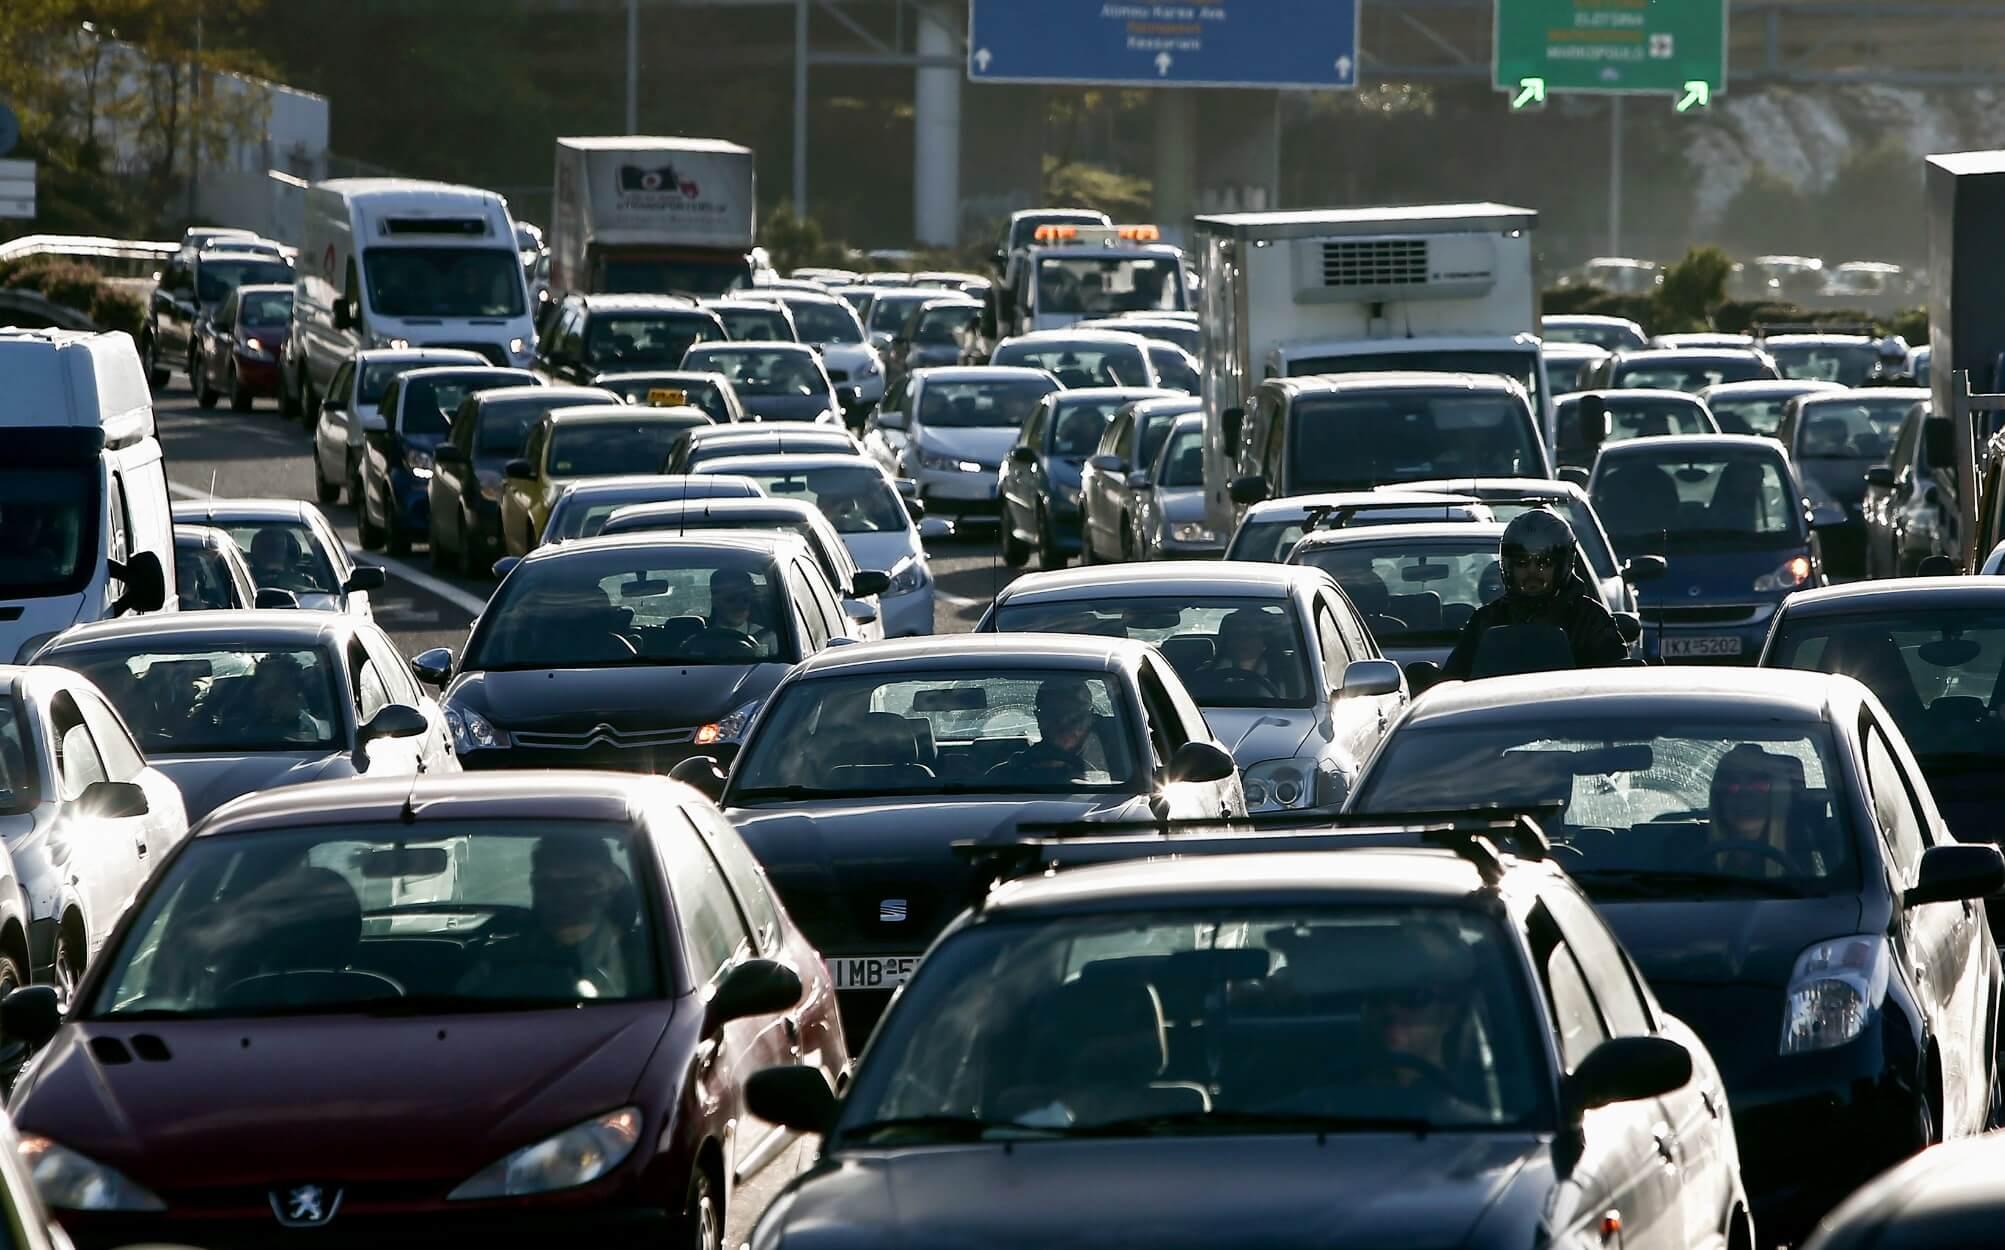 Τέλη κυκλοφορίας 2020: Εκτύπωση μέσω Taxisnet